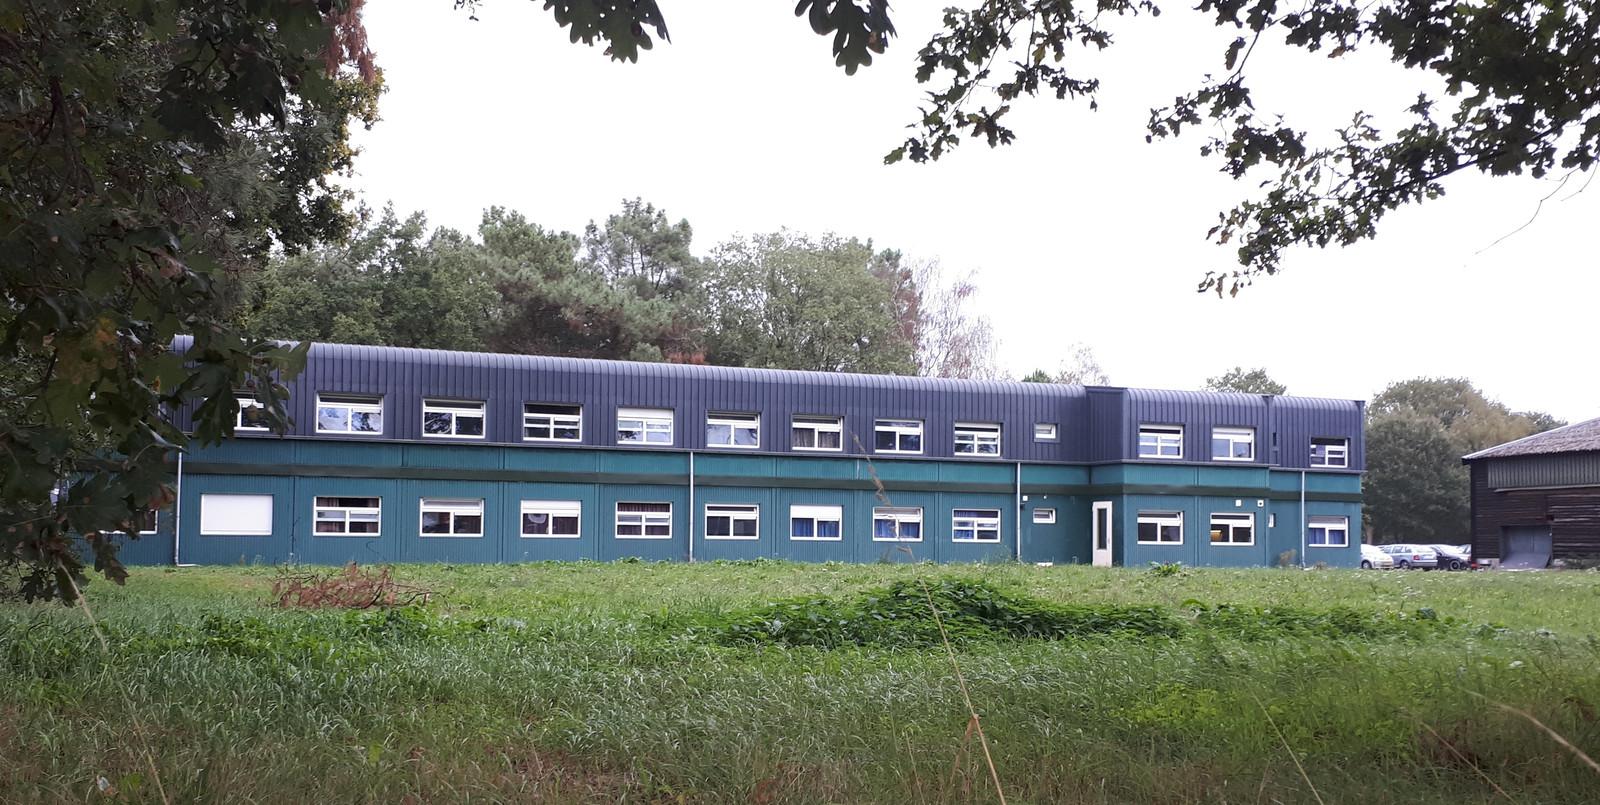 Het achterterrein van Fercheval met de eind 2105 bijgeplaatste units.